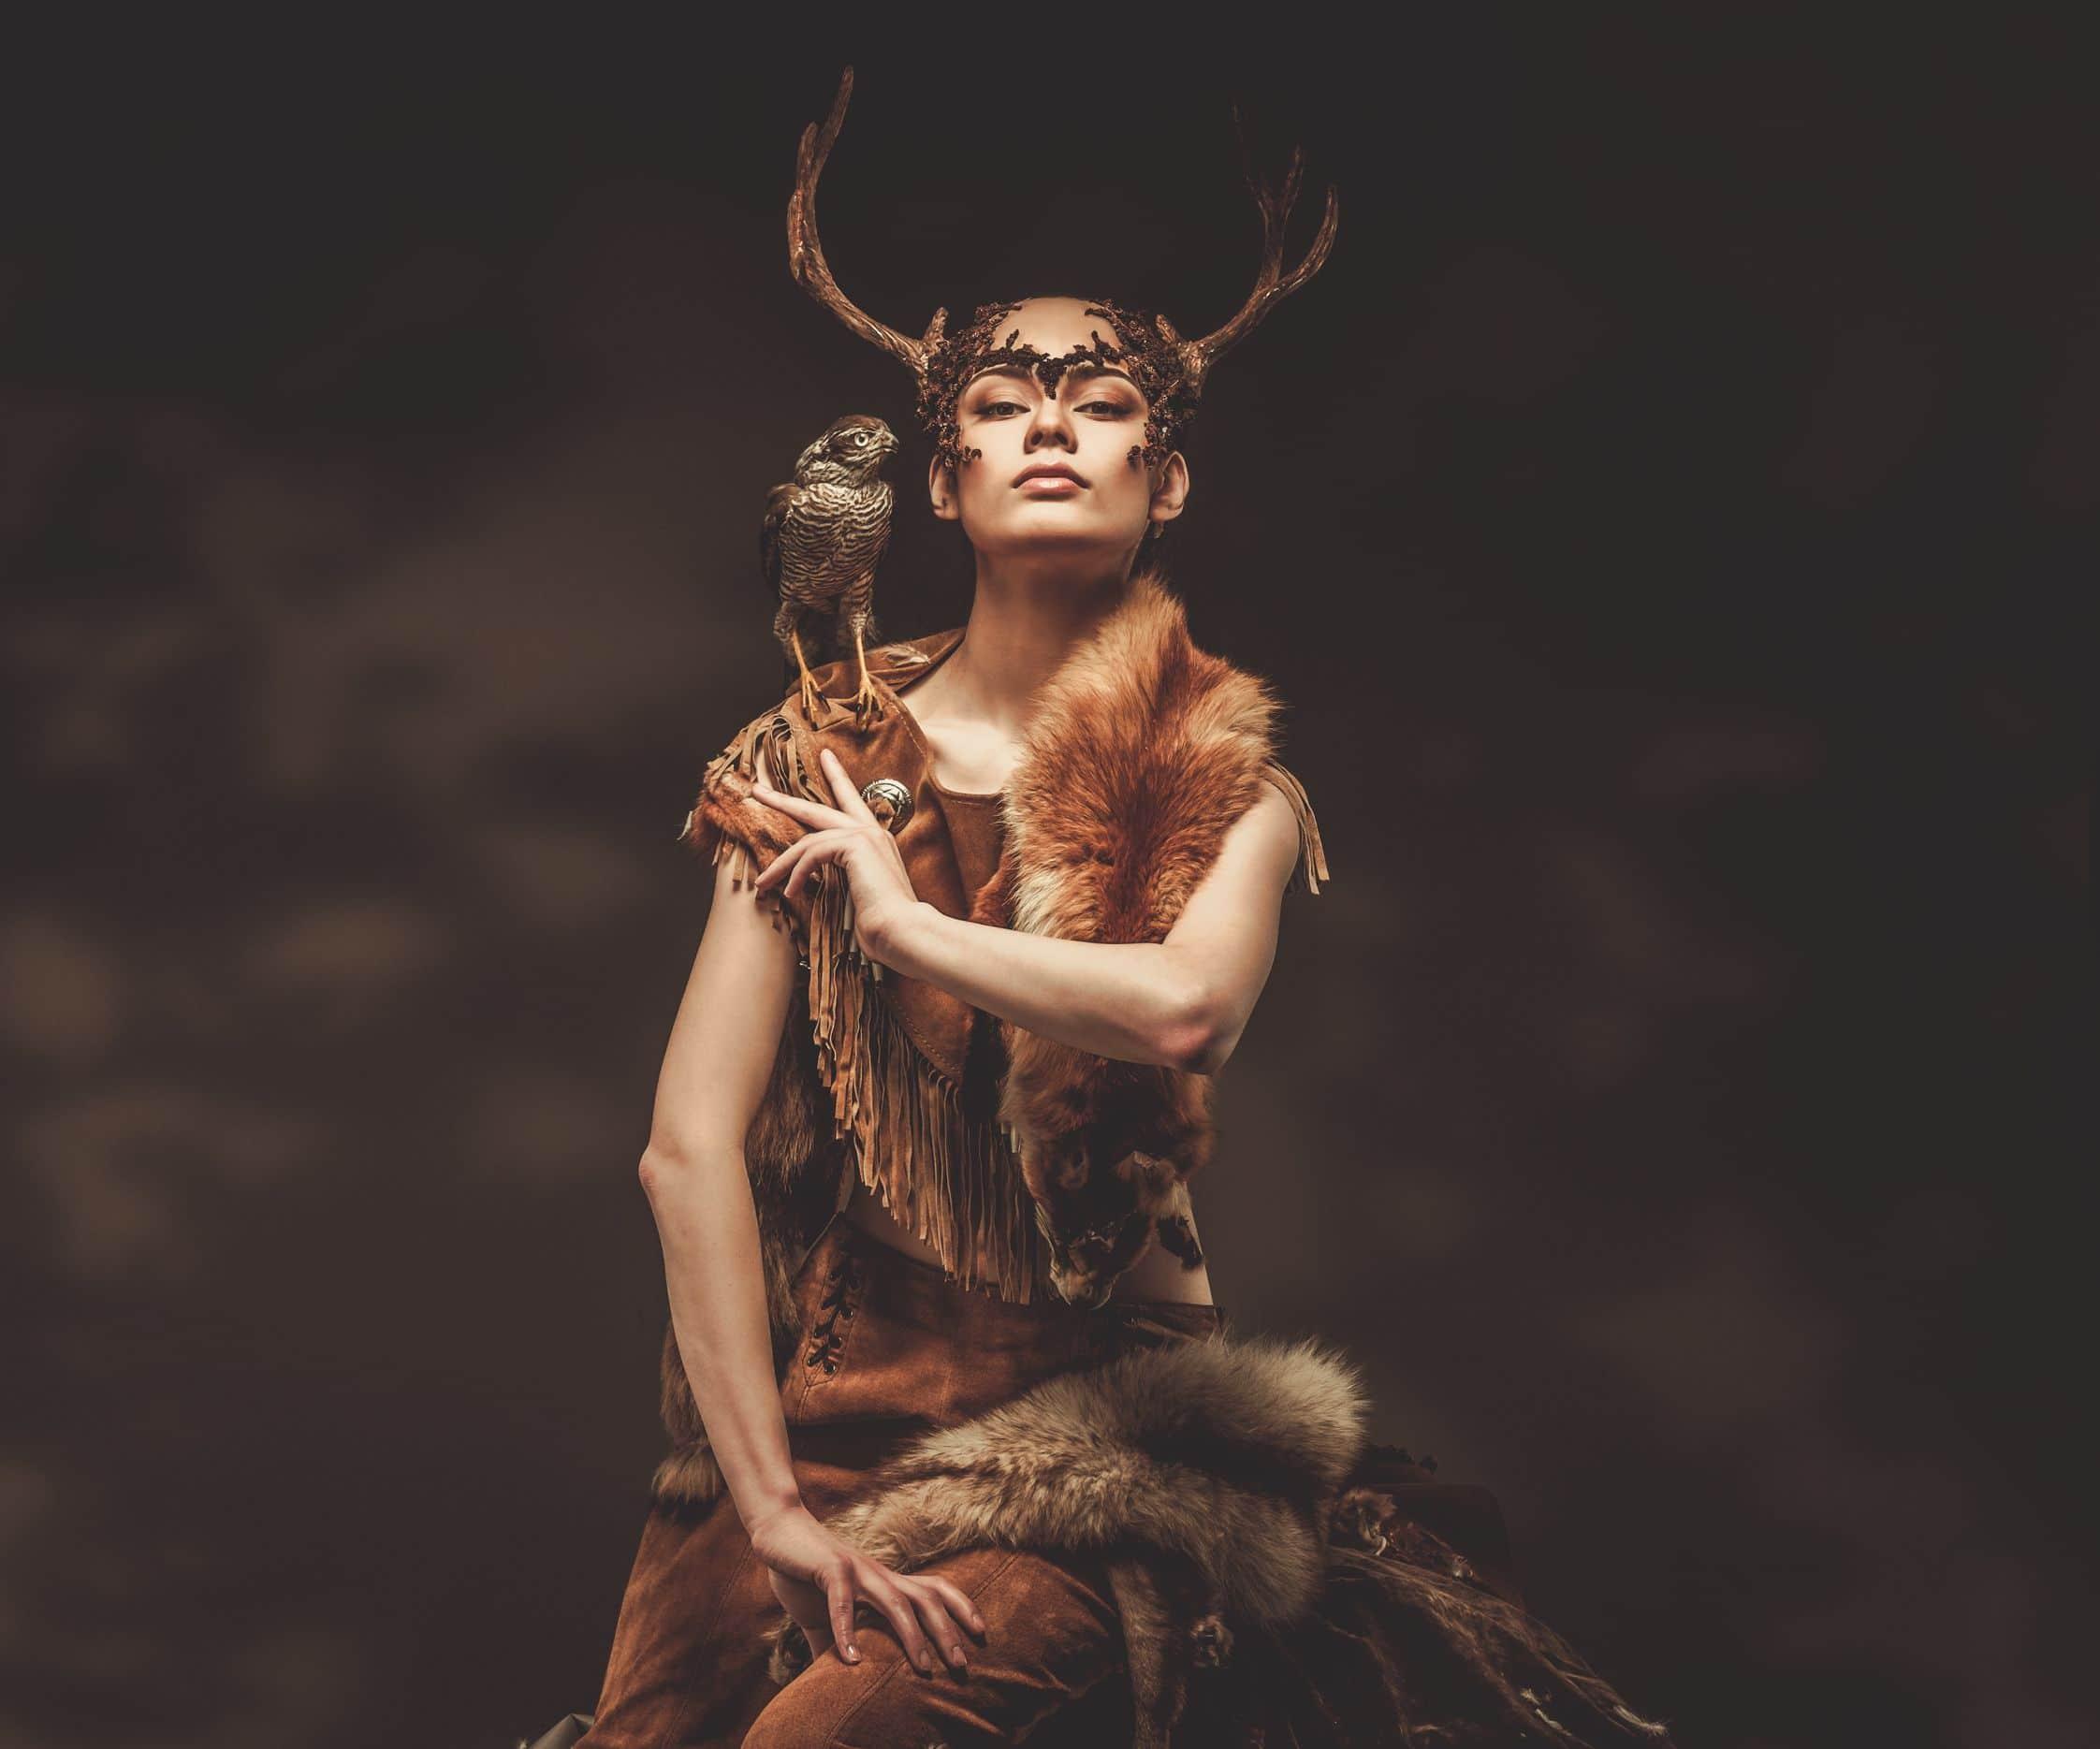 Mulher xamam em vestes de ritual com um falcão no seu ombro